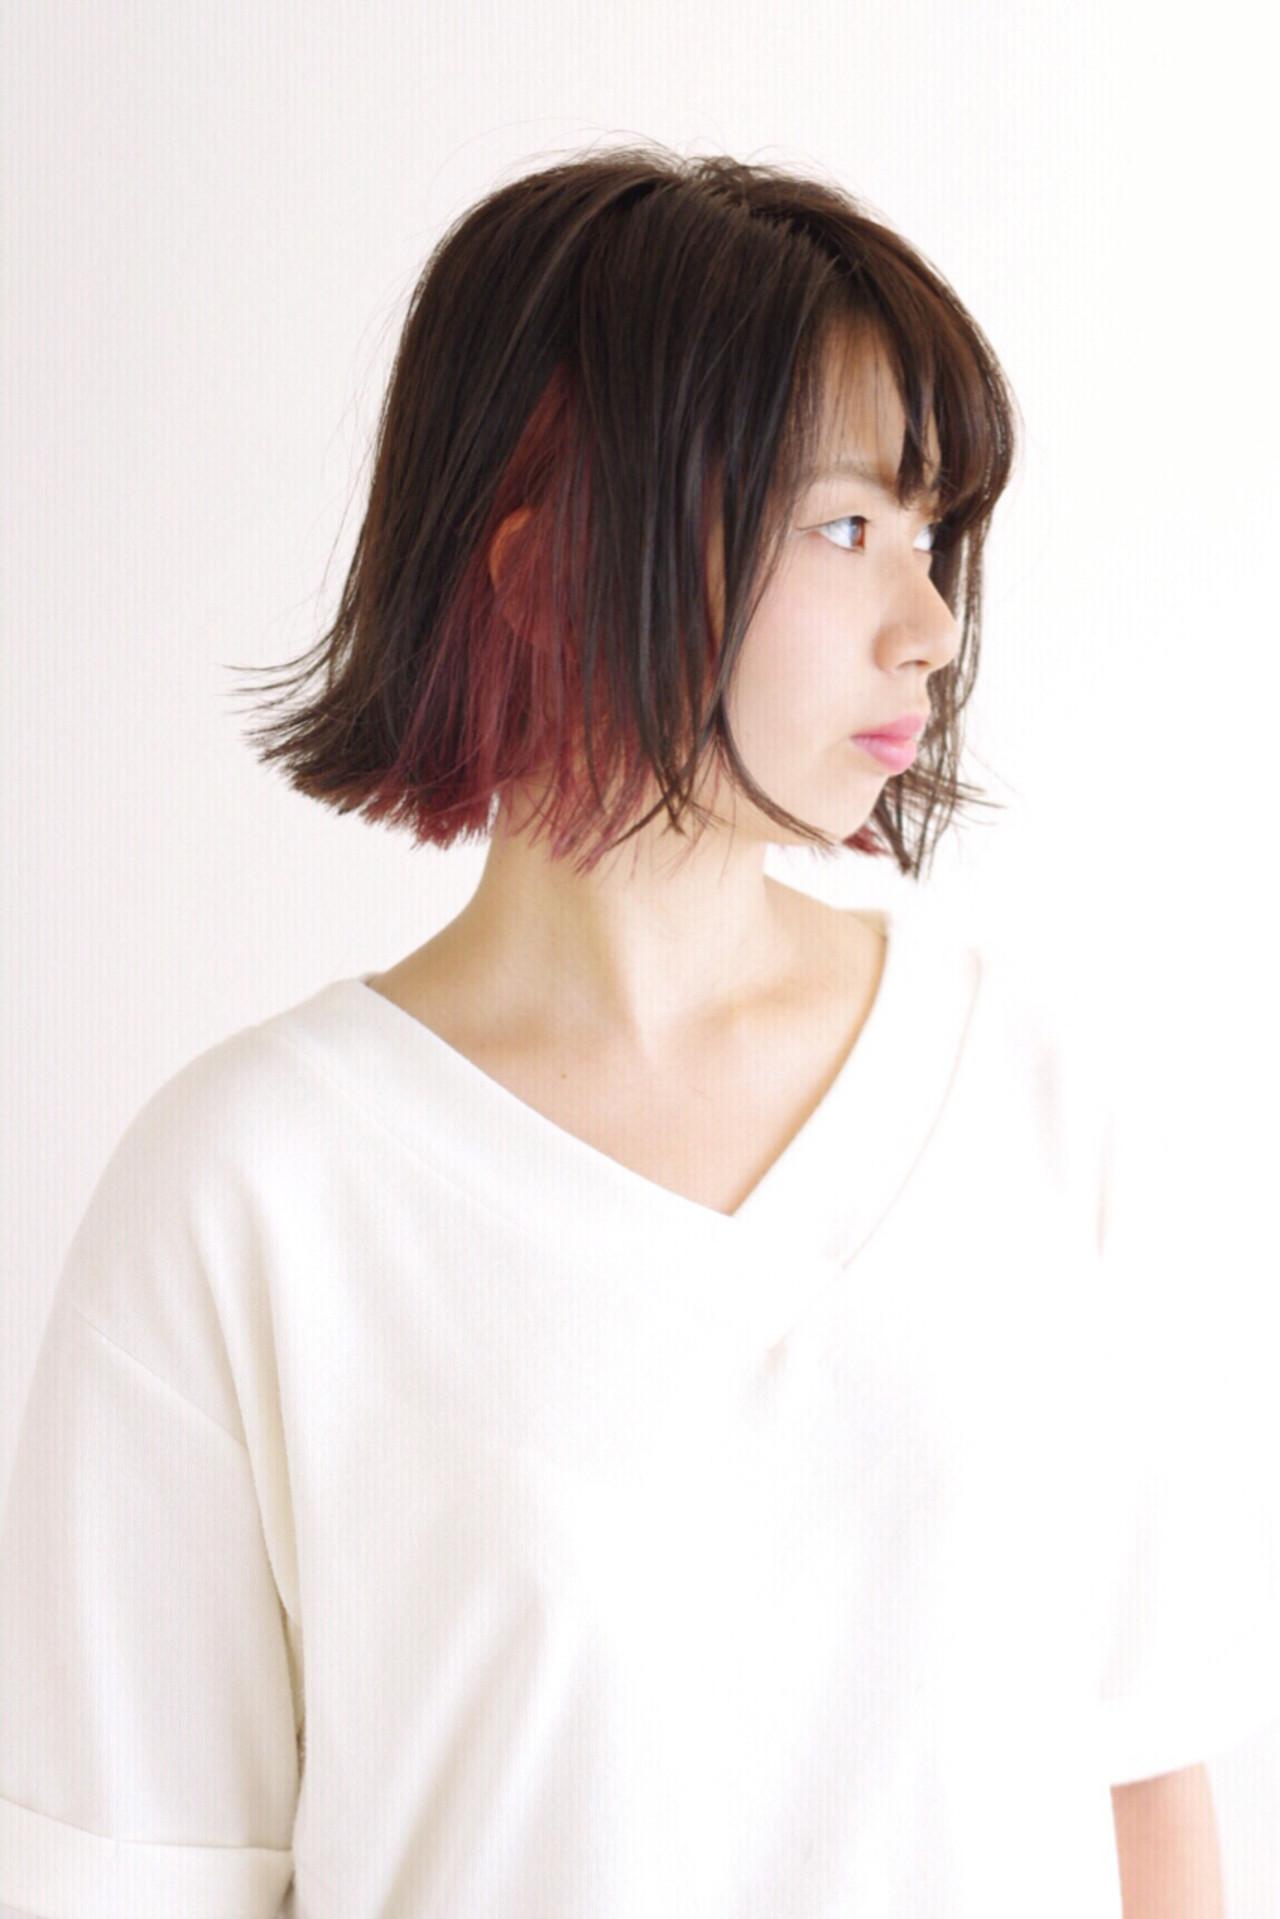 インナーカラー モード ボブ イルミナカラー ヘアスタイルや髪型の写真・画像 | 松田 光雄 / BLOCK